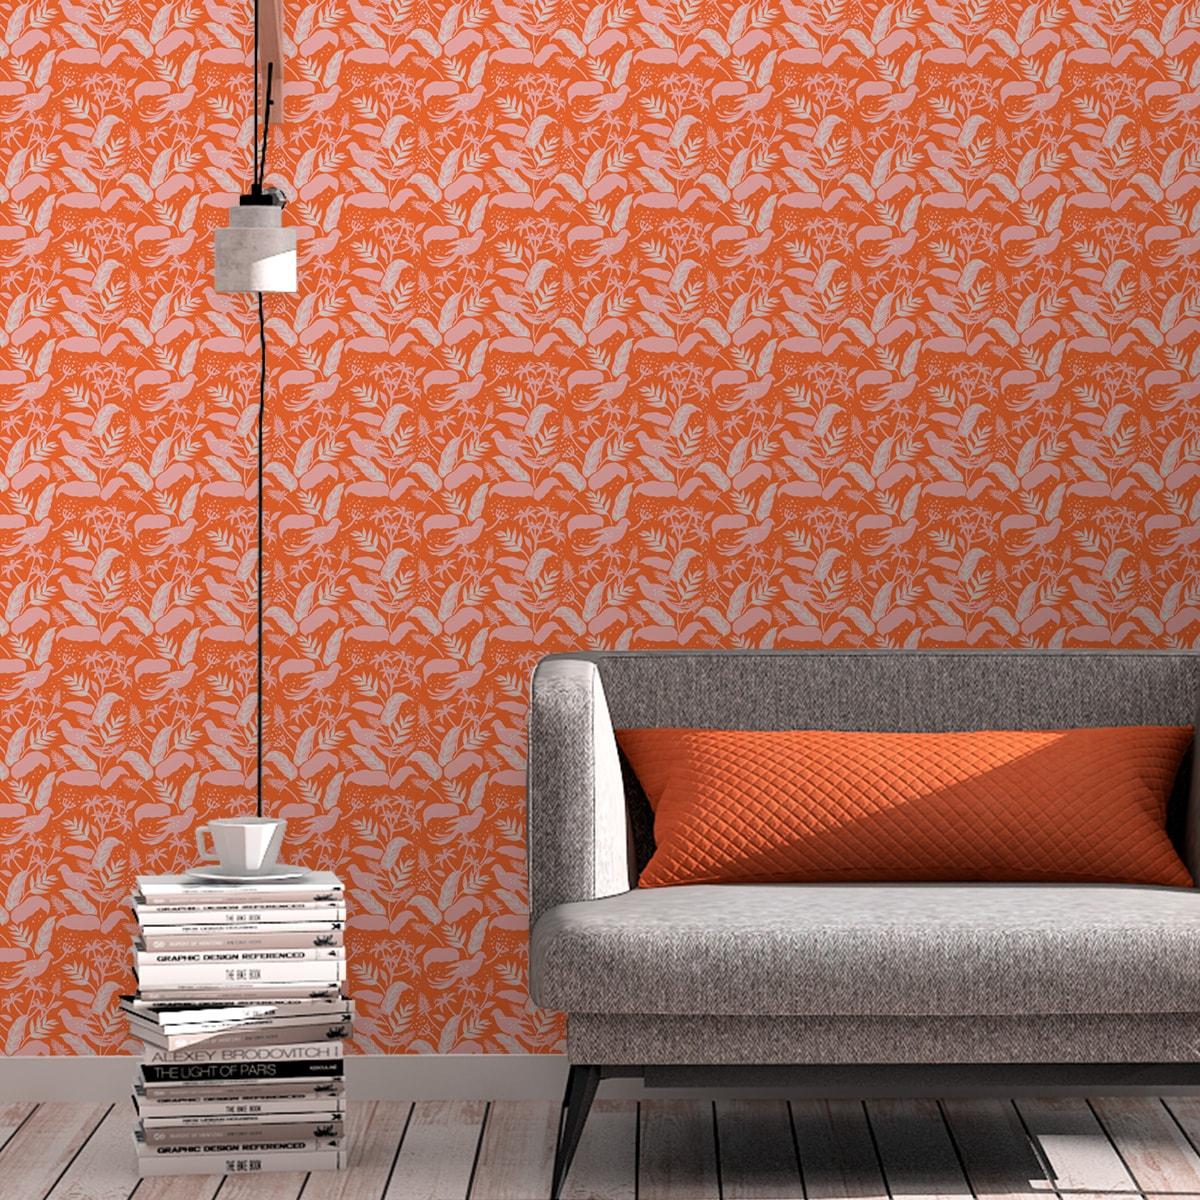 orange: Designer Diamant Tapete grün (Garden 86) mit Karo - rot im Tapeten Onlineshop Jetzt Vliestapeten für ihr Zuhause online bestellen Top Qualität. Aus dem GMM-BERLIN.com Sortiment: Schöne Tapeten in der Farbe: rot|Schöne Tapeten in der Farbe: grün|Schöne Tapeten in der Farbe: grau